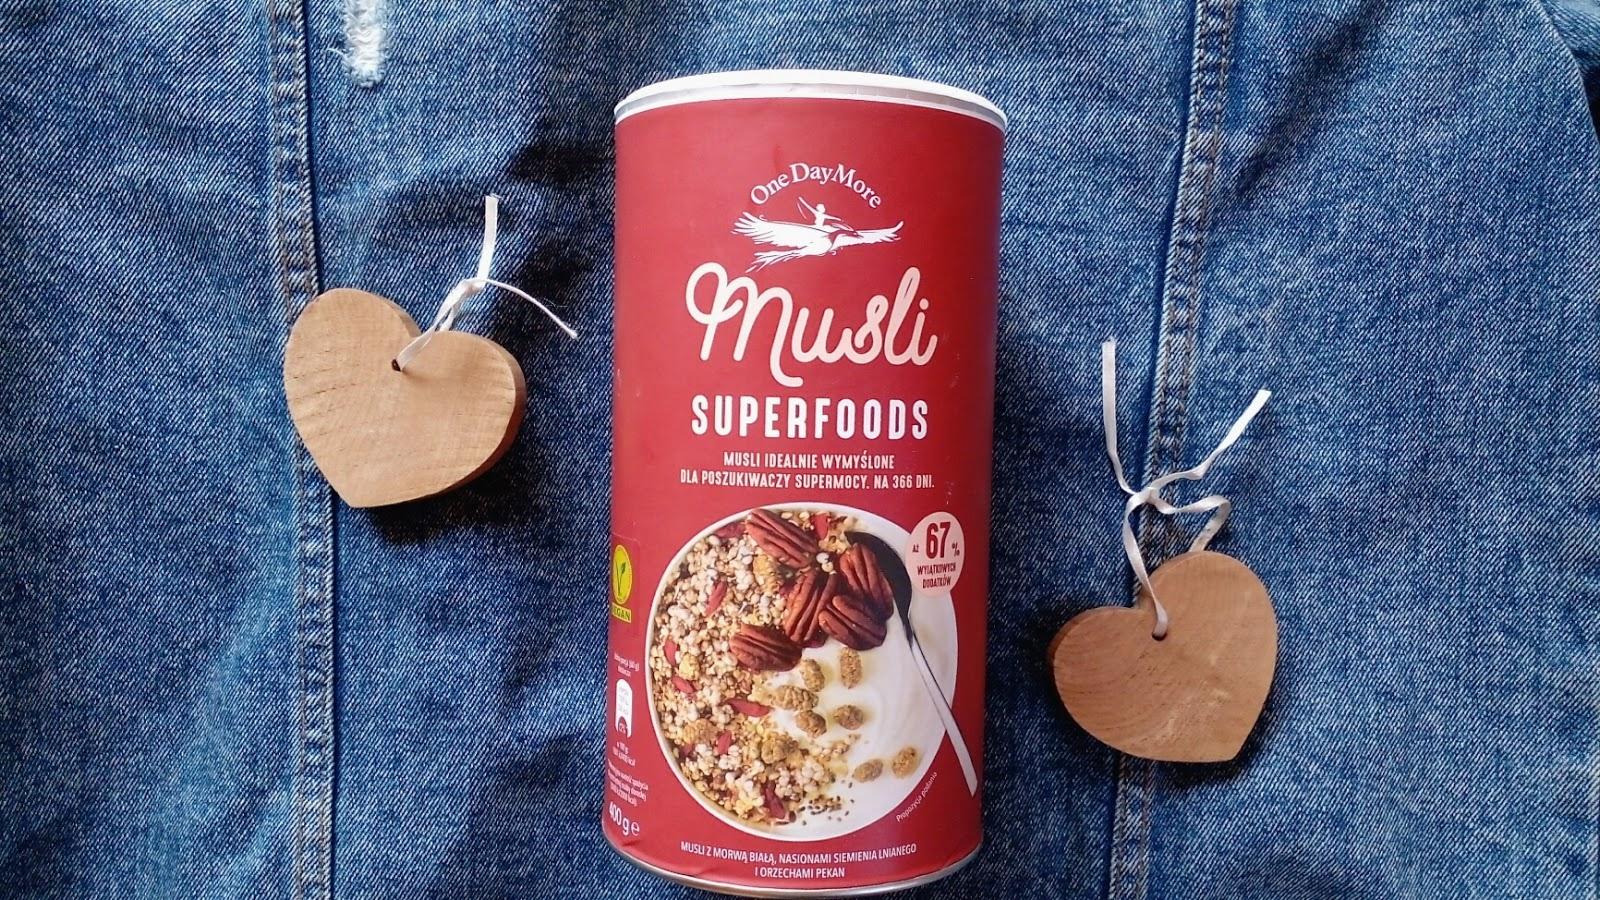 Musli Superfoods dla poszukiwaczy supermocy [One Day More – moja opinia]